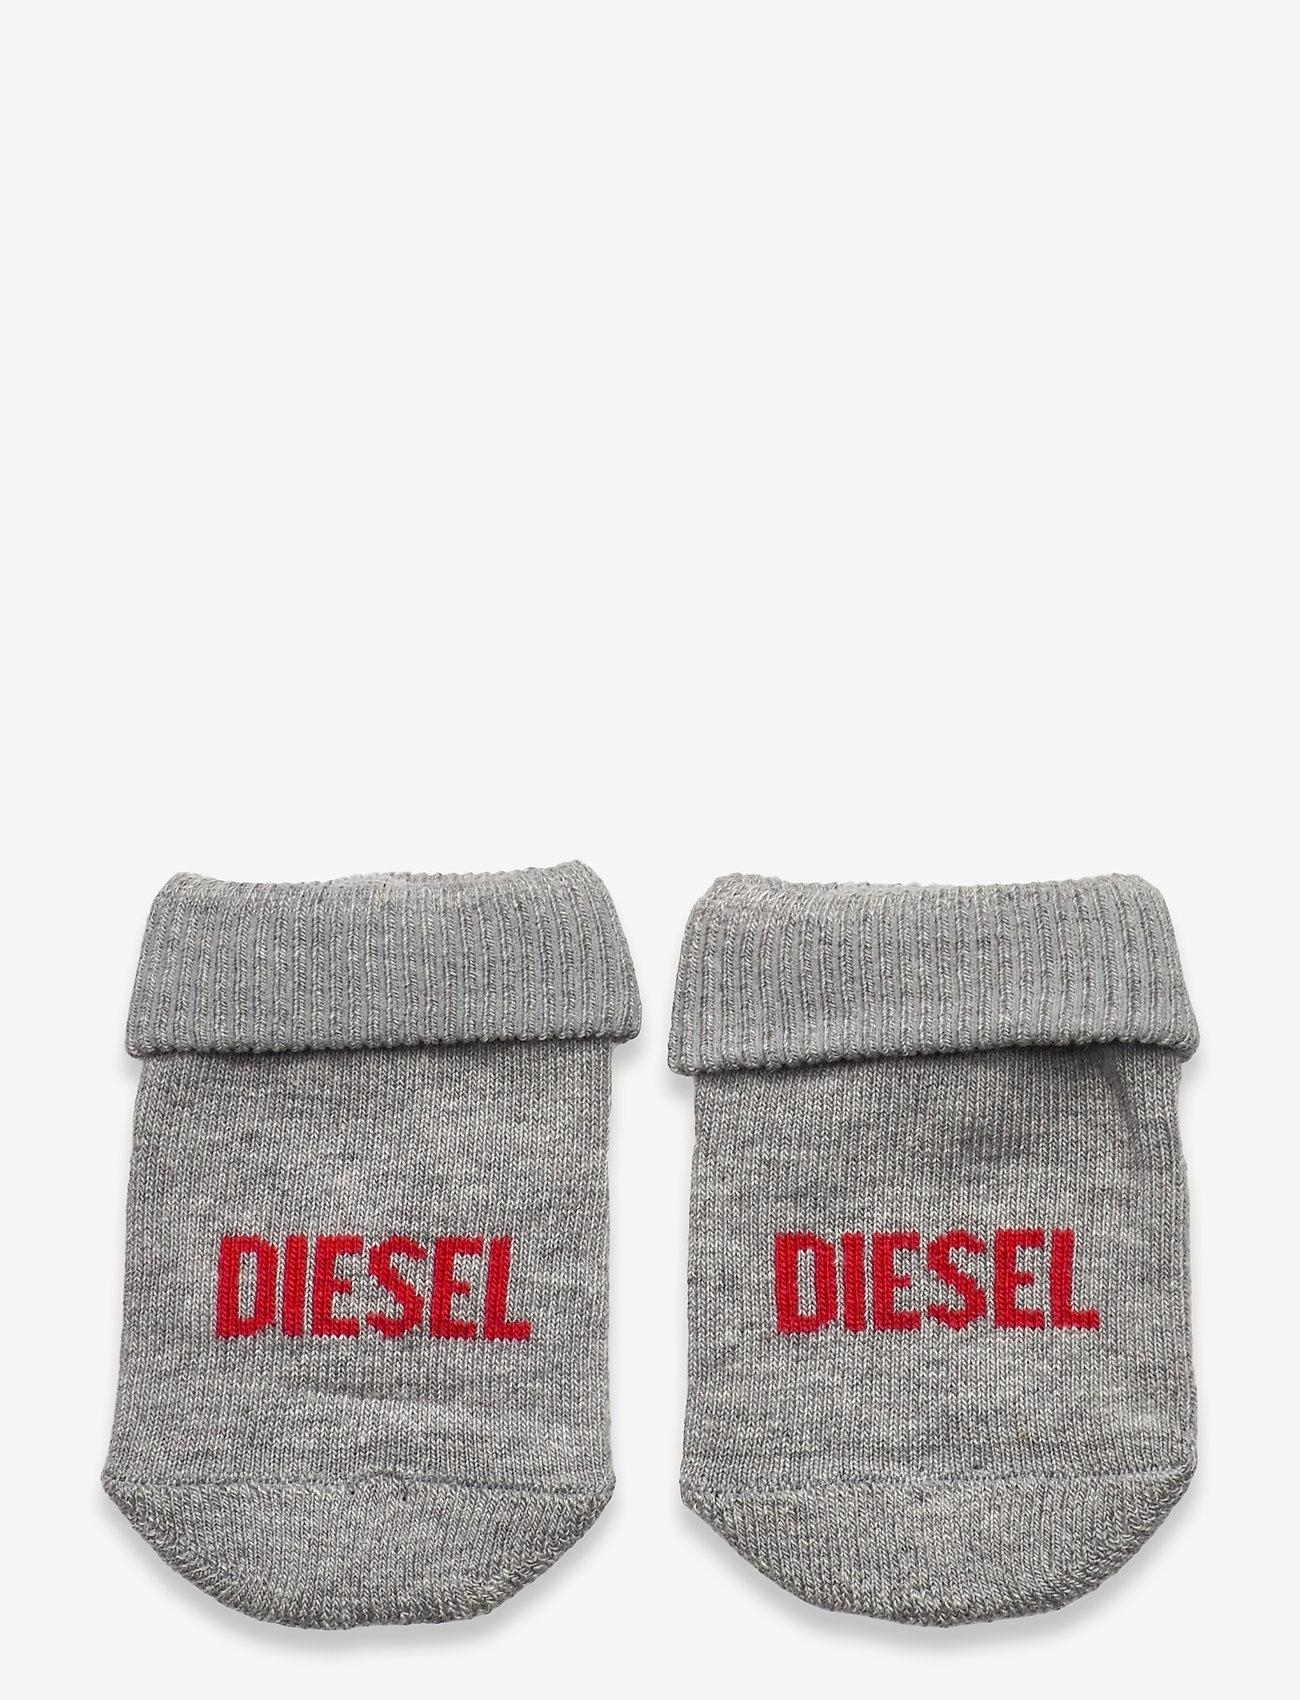 Diesel - ZEBET-NB SOCKS - skarpetki - grigio melange nuovo - 0